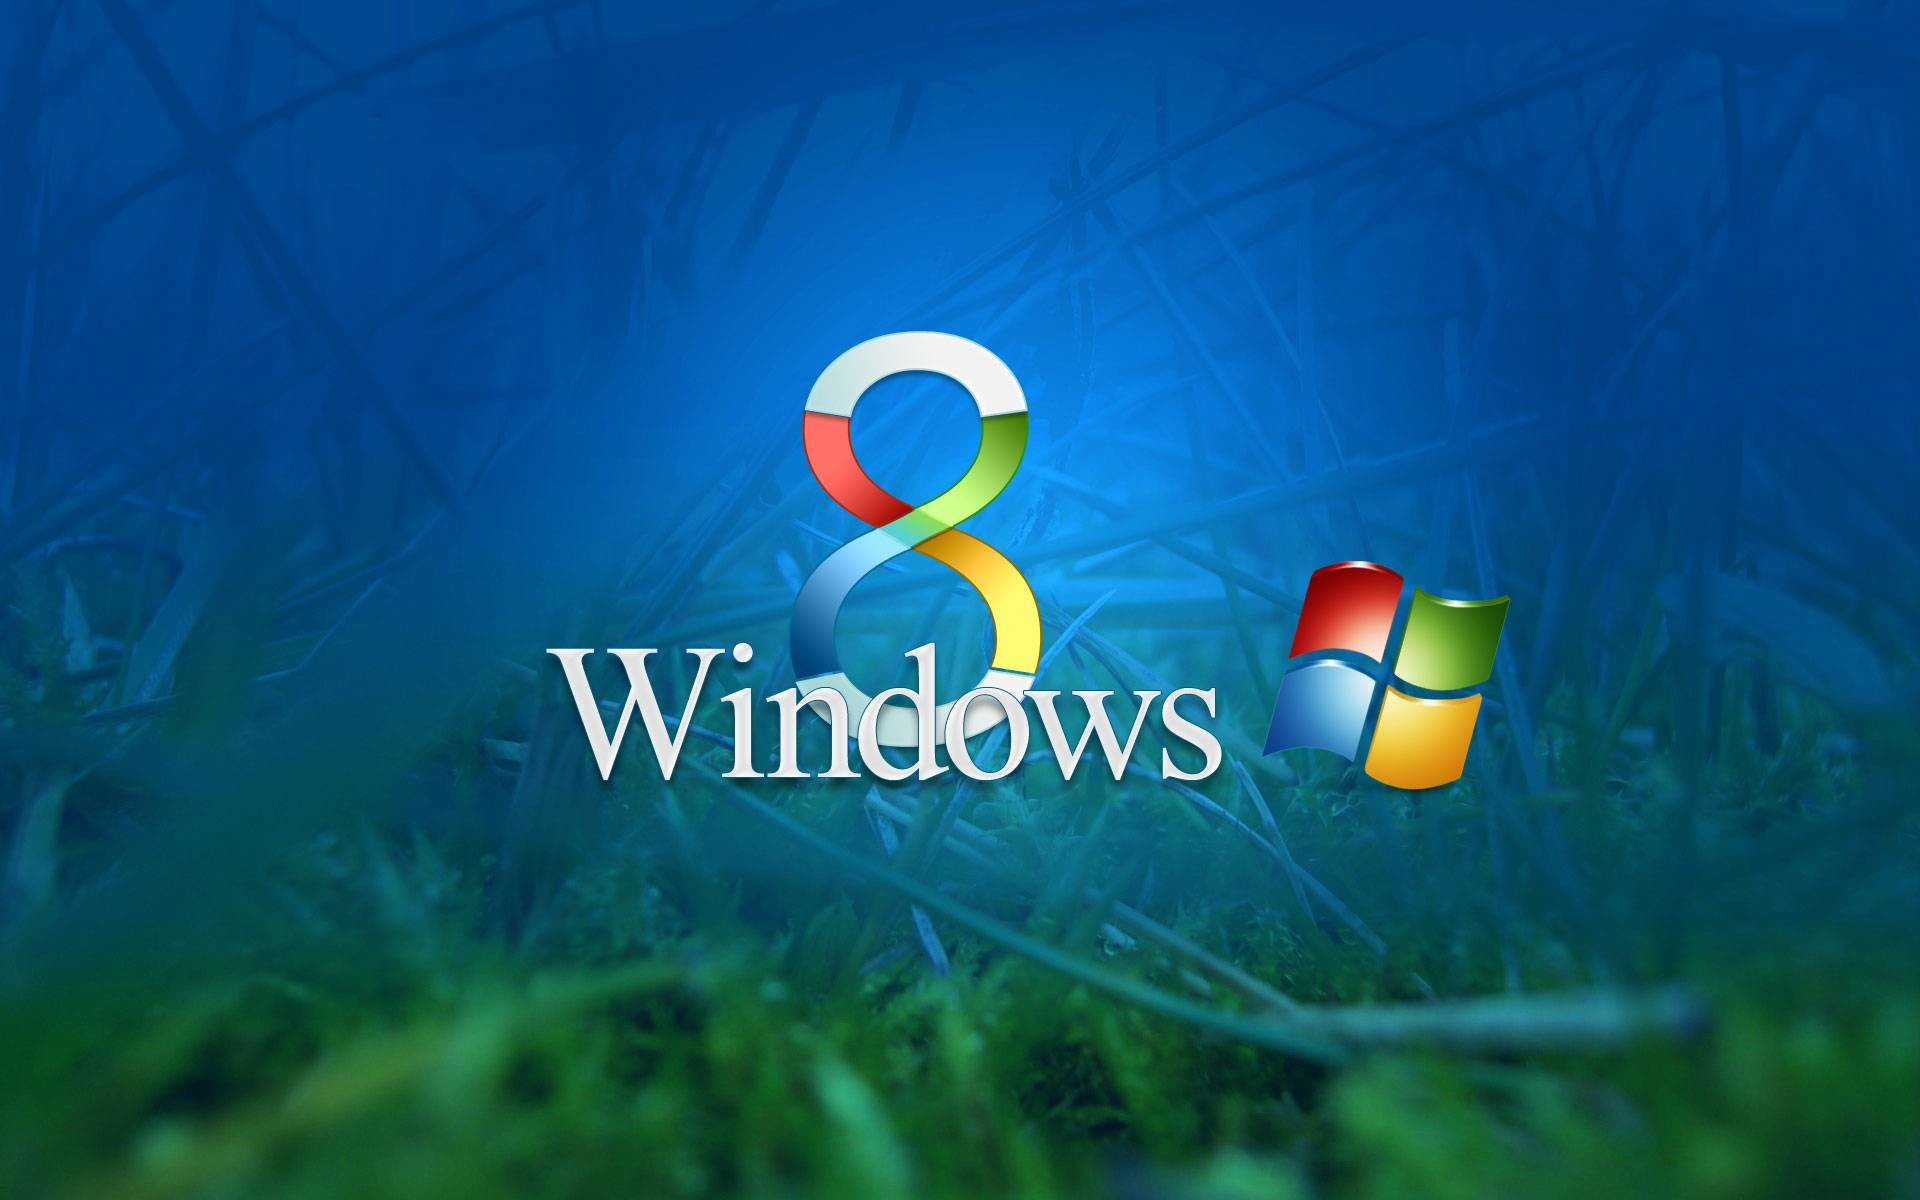 Cool Wallpaper Minecraft Windows 8 - 390986  Photograph_475474.jpg